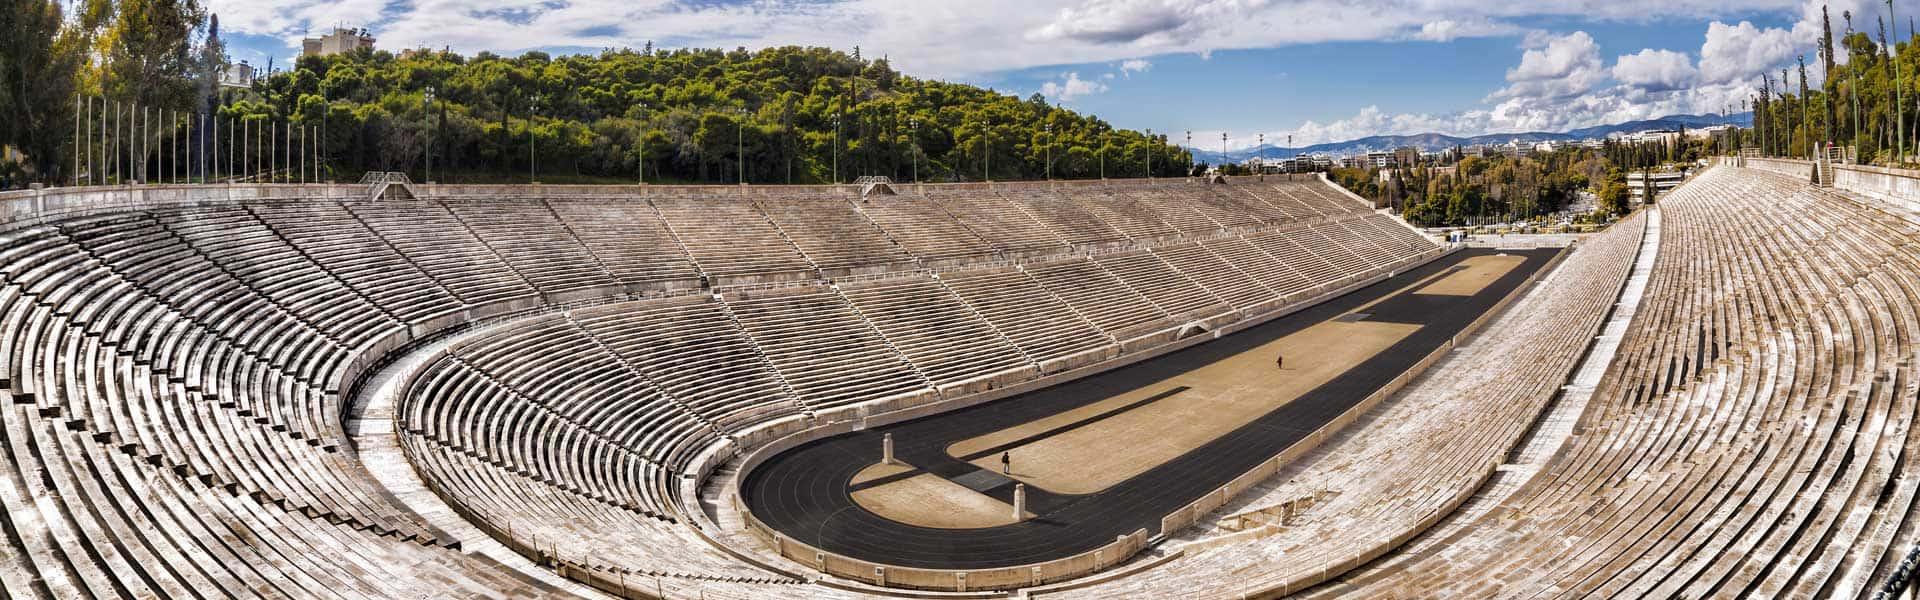 Blick auf das alte Olympiastadion in Athen – nicht nur für Sportbegeisterte ein Highlight